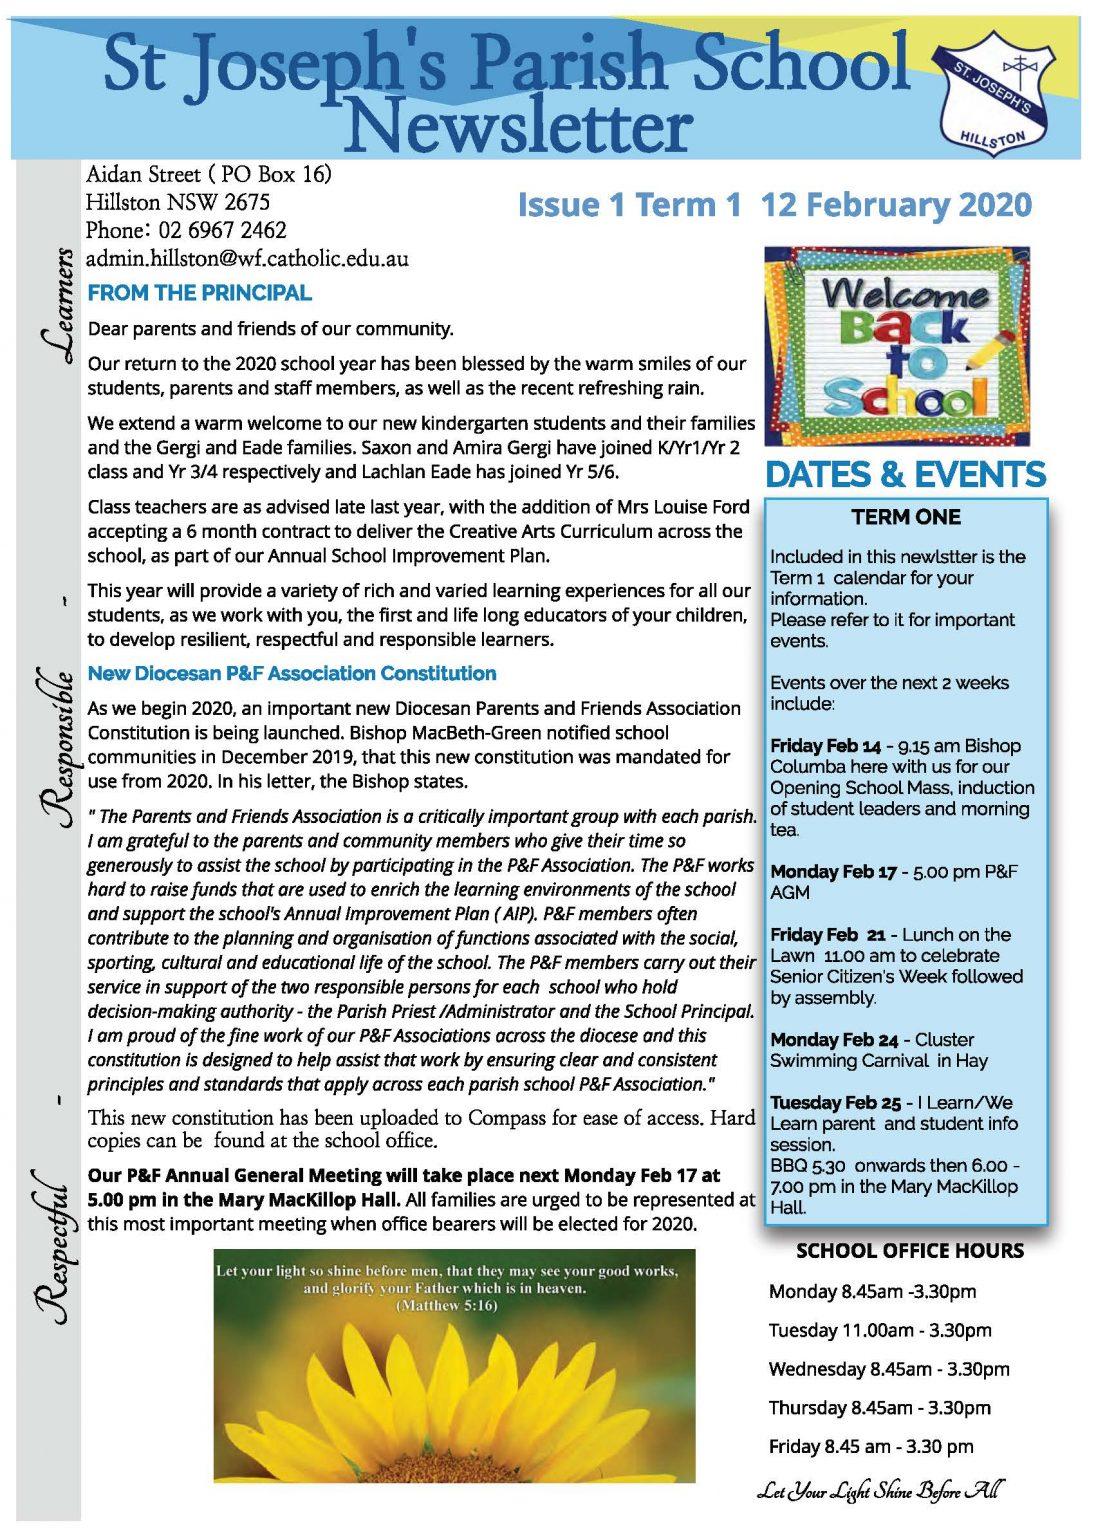 St Joseph's Newsletter Issue 1 Term 1 12 February 2020